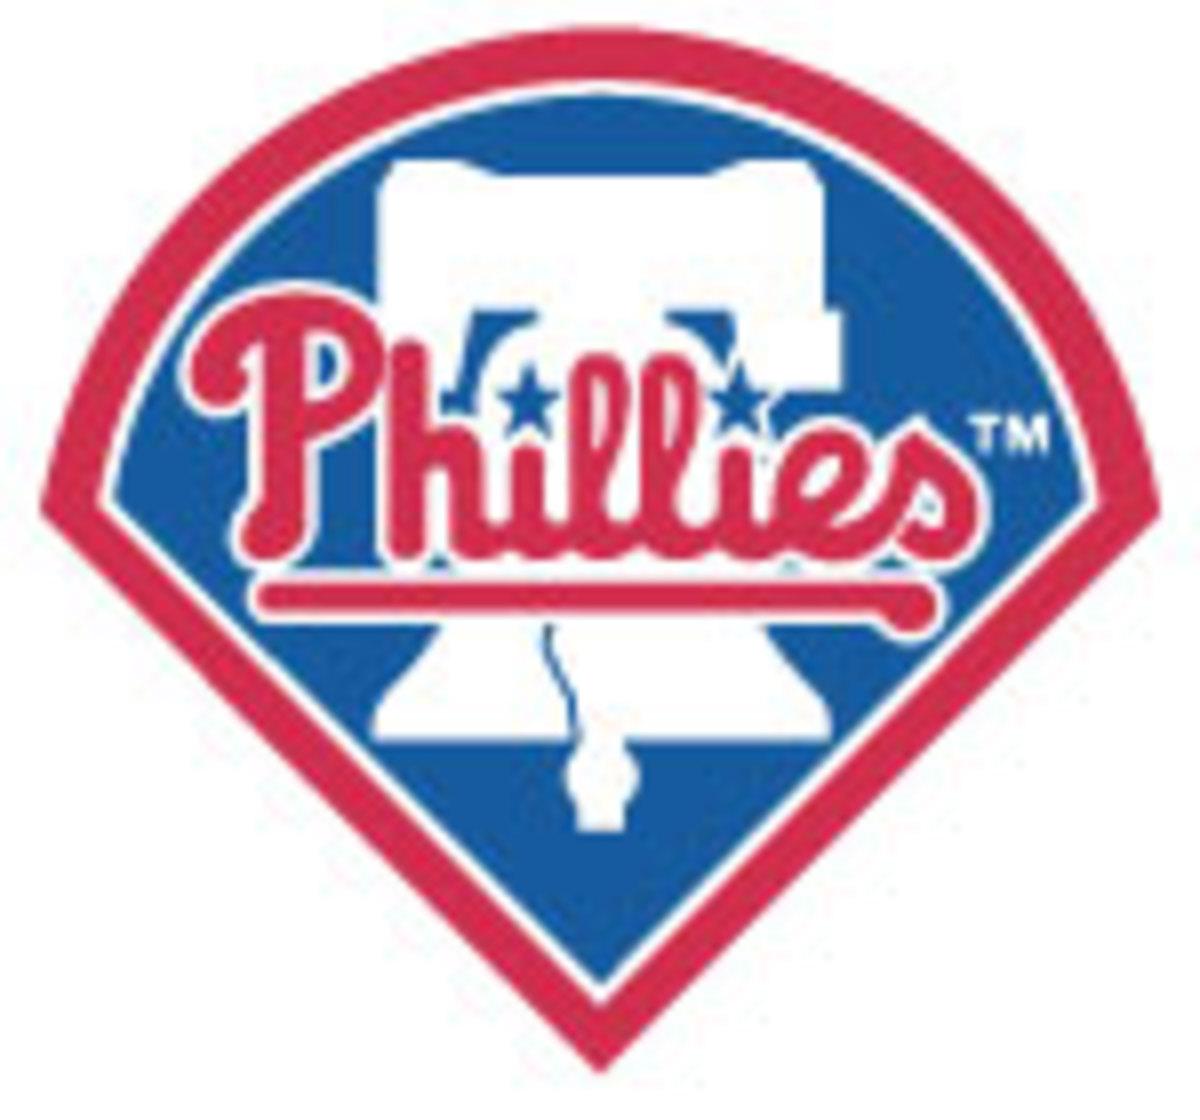 Baltimore Orioles logo